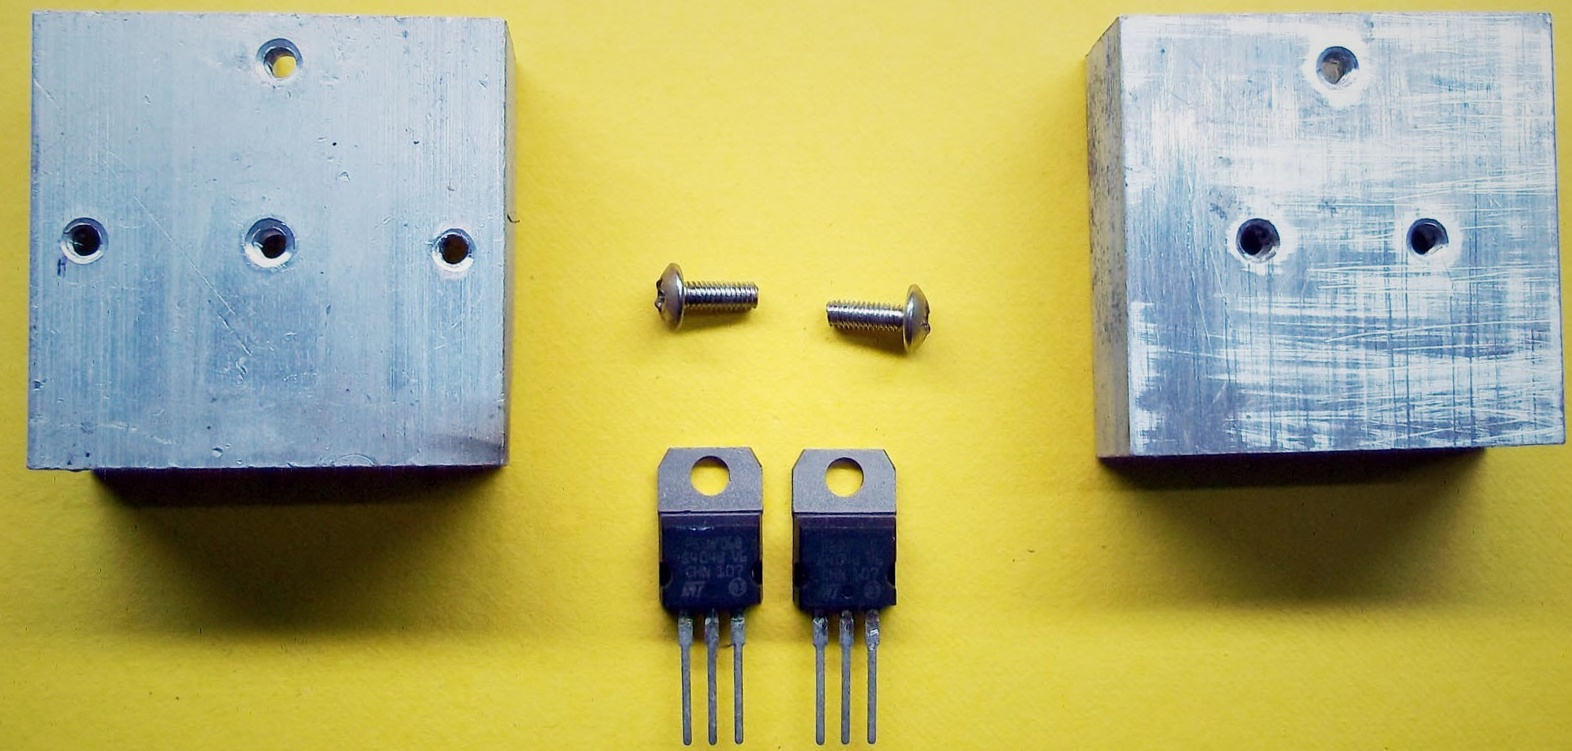 Использование драйвера ключей нижнего и верхнего уровней IR2110 — объяснение и примеры схем - 1